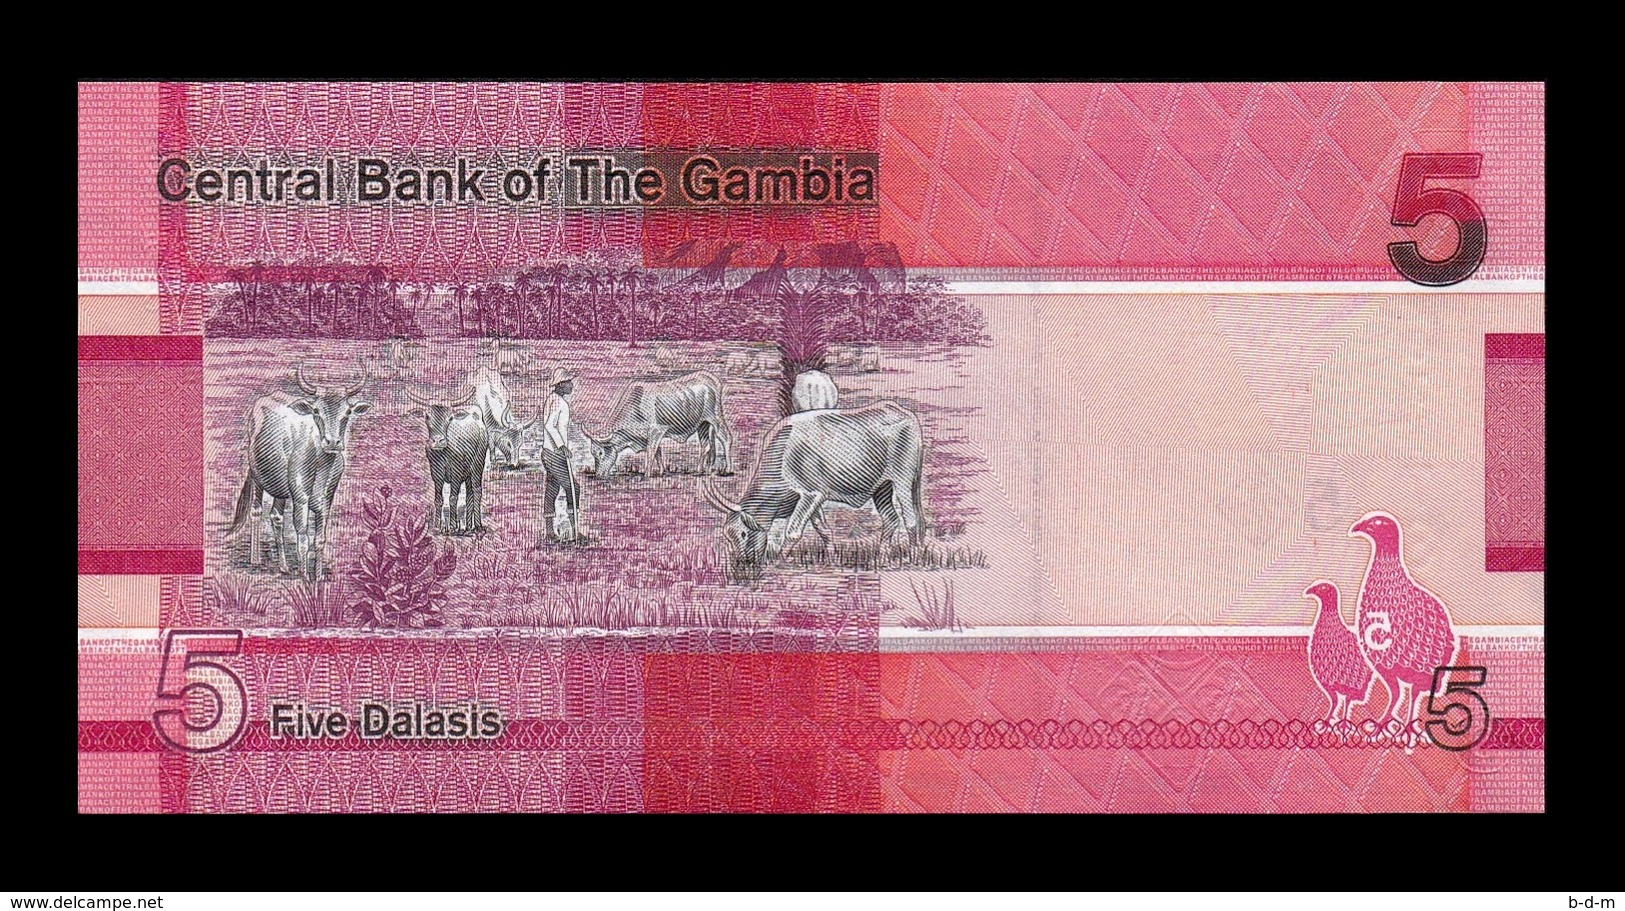 Gambia Lot Bundle 10 Banknotes 5 Dalasis 2019 Pick New SC UNC - Gambia